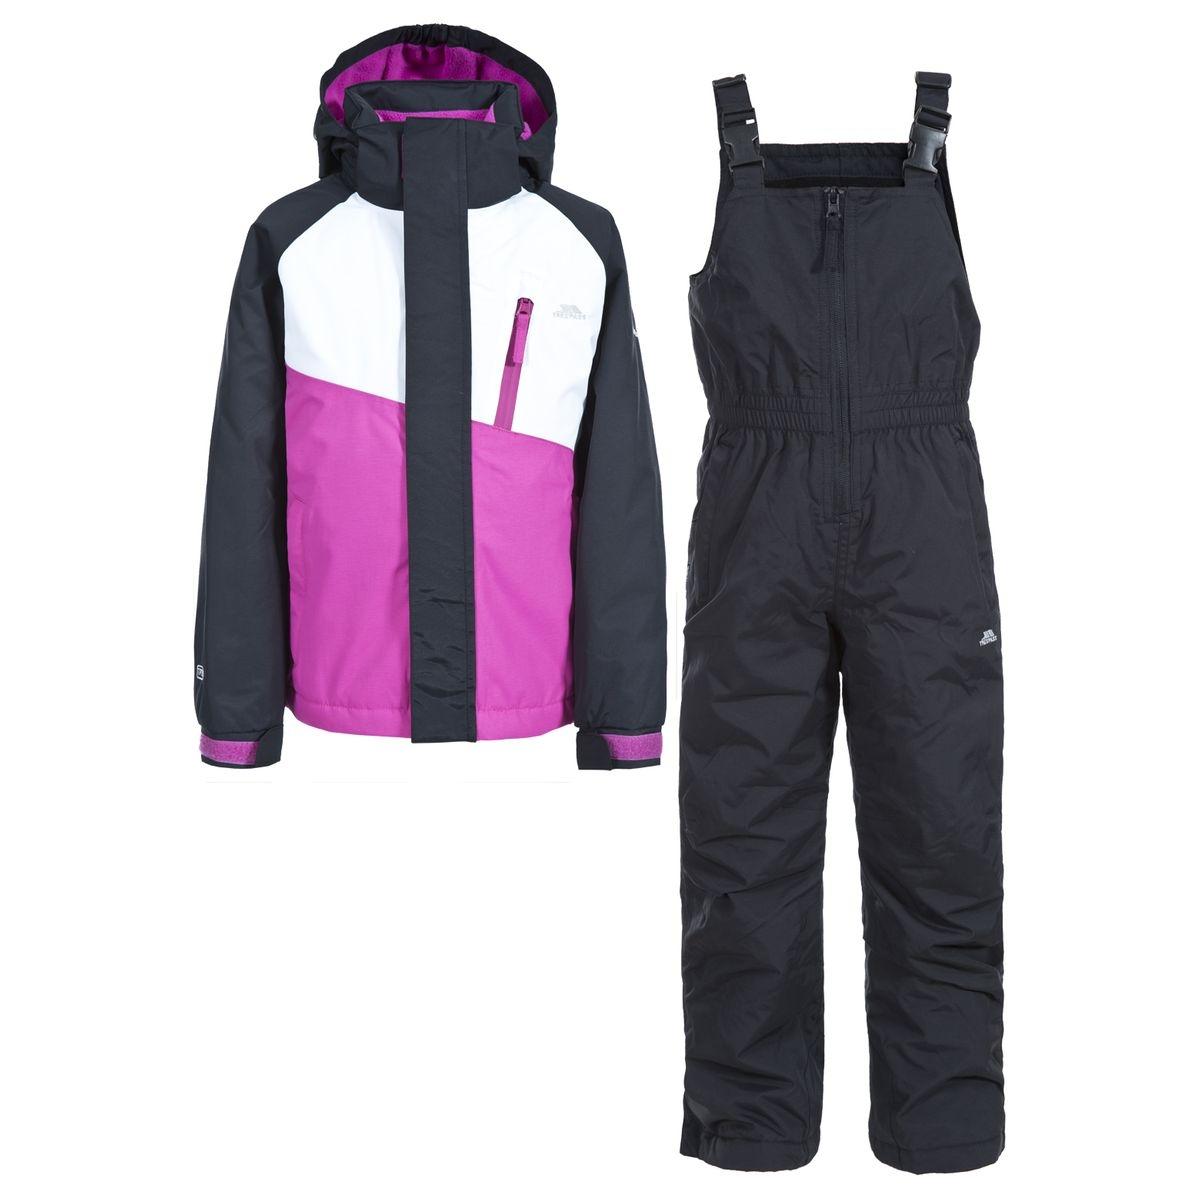 CRAWLEY - Ensemble pantalon et veste ski - enfant